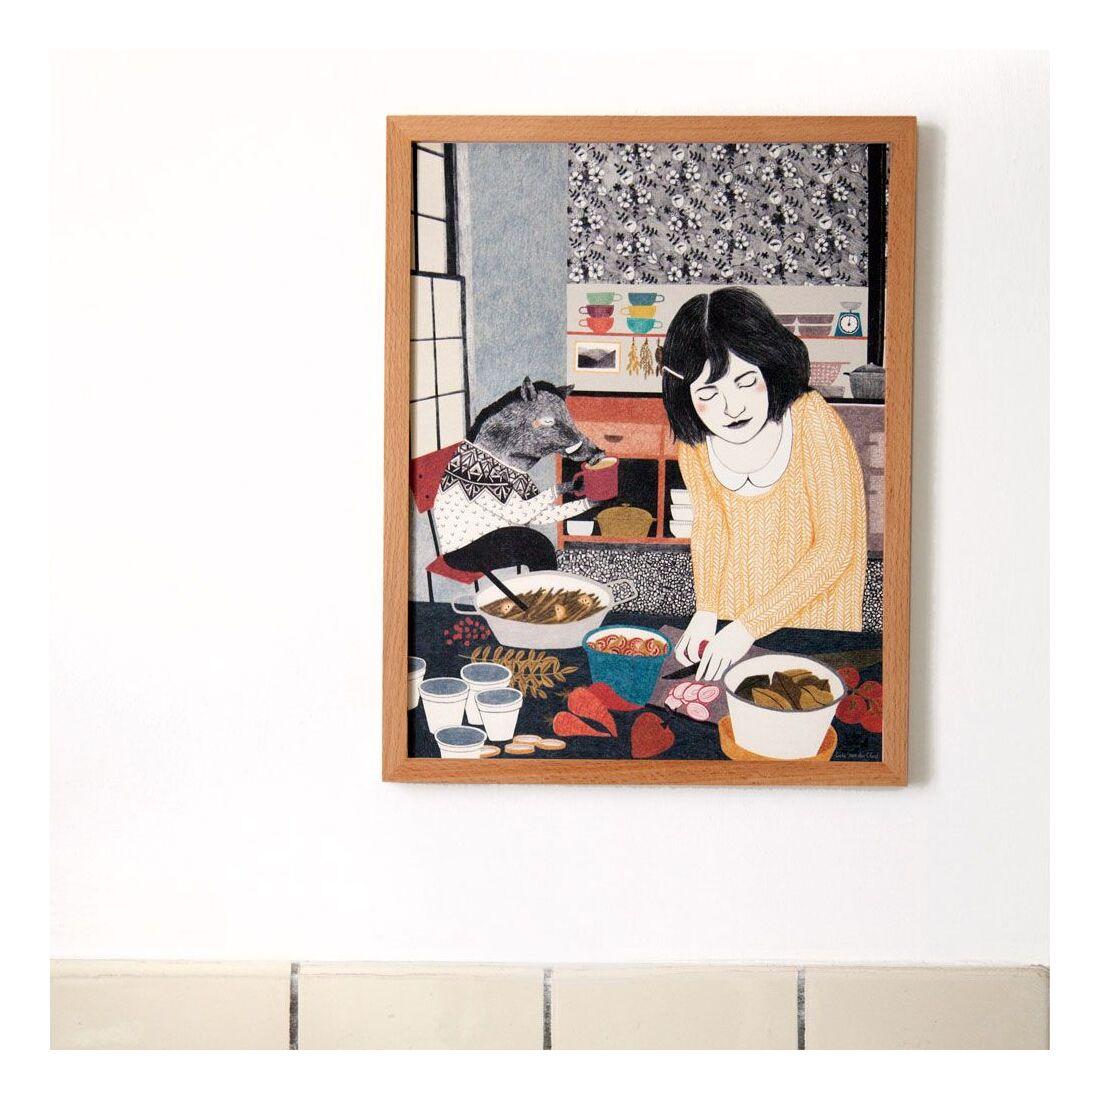 Liekeland Poster Küchenfreund | Artwork | goodshaus, 25,00 €